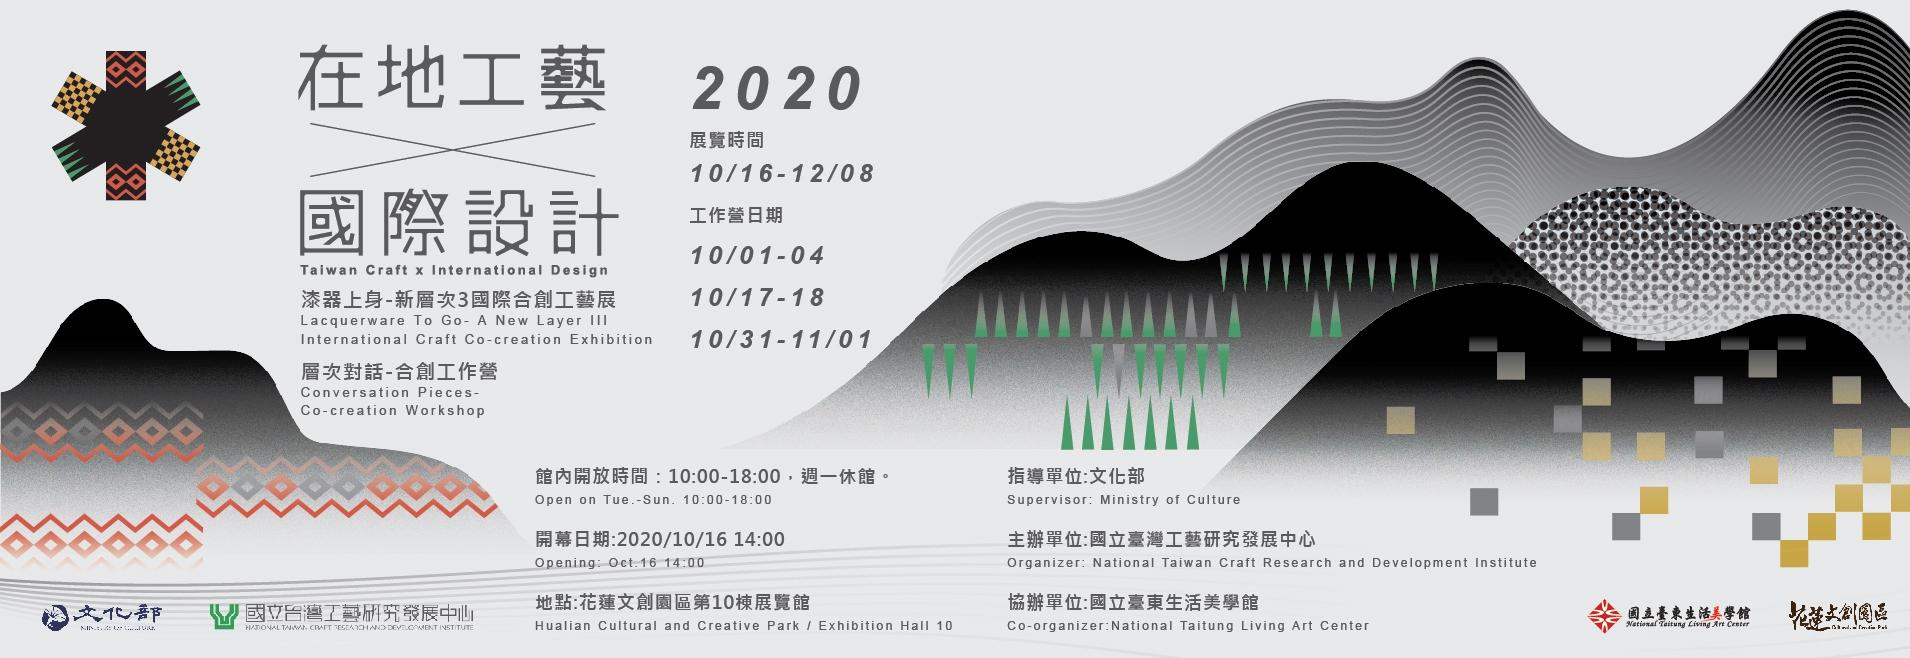 在地工藝X國際設計-新層次國際合創展「另開新視窗」